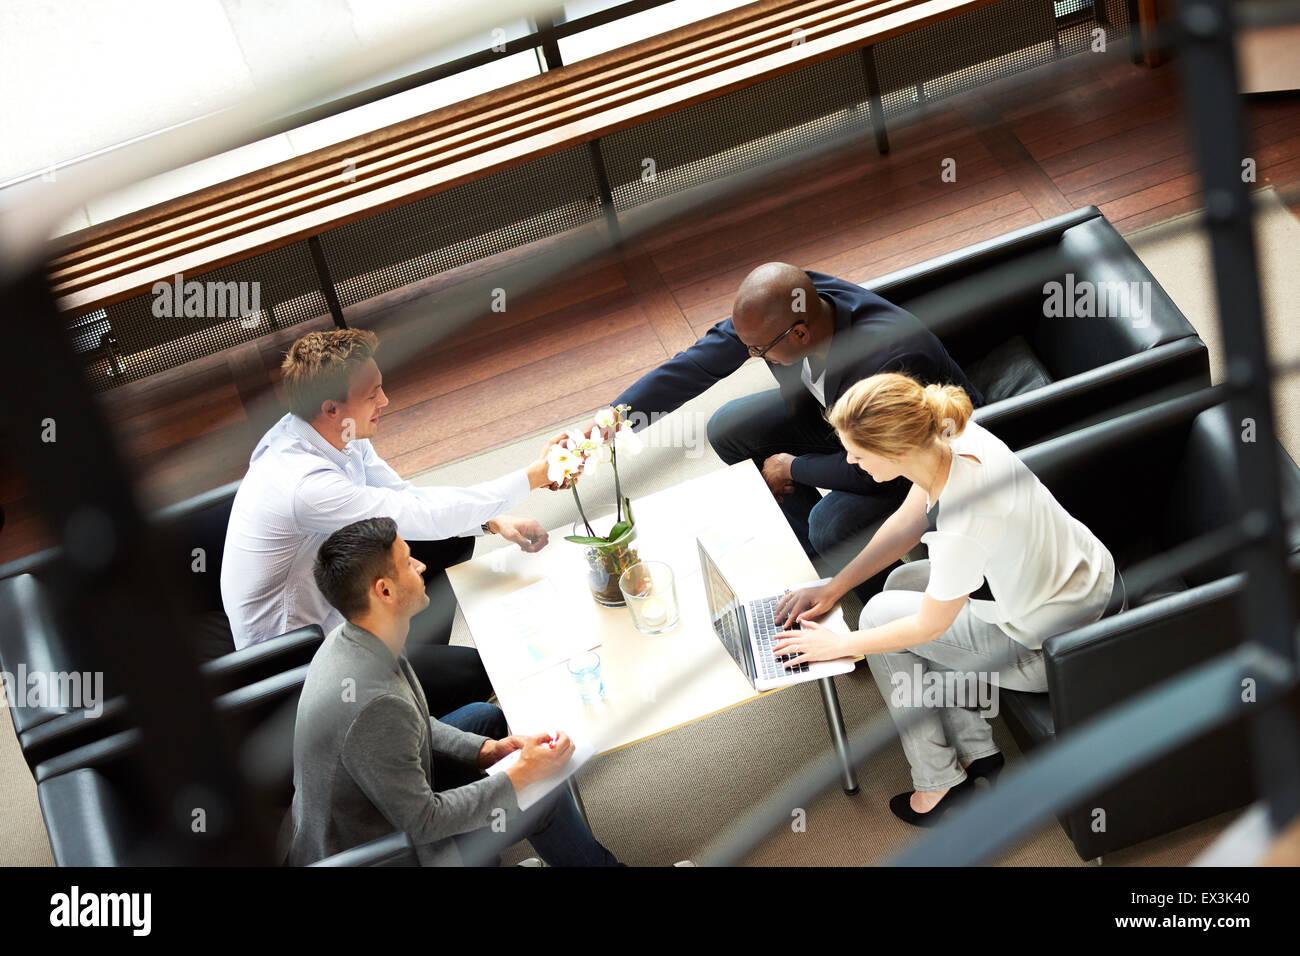 Homme noir et blanc man shaking hands au cours de réunion de travail